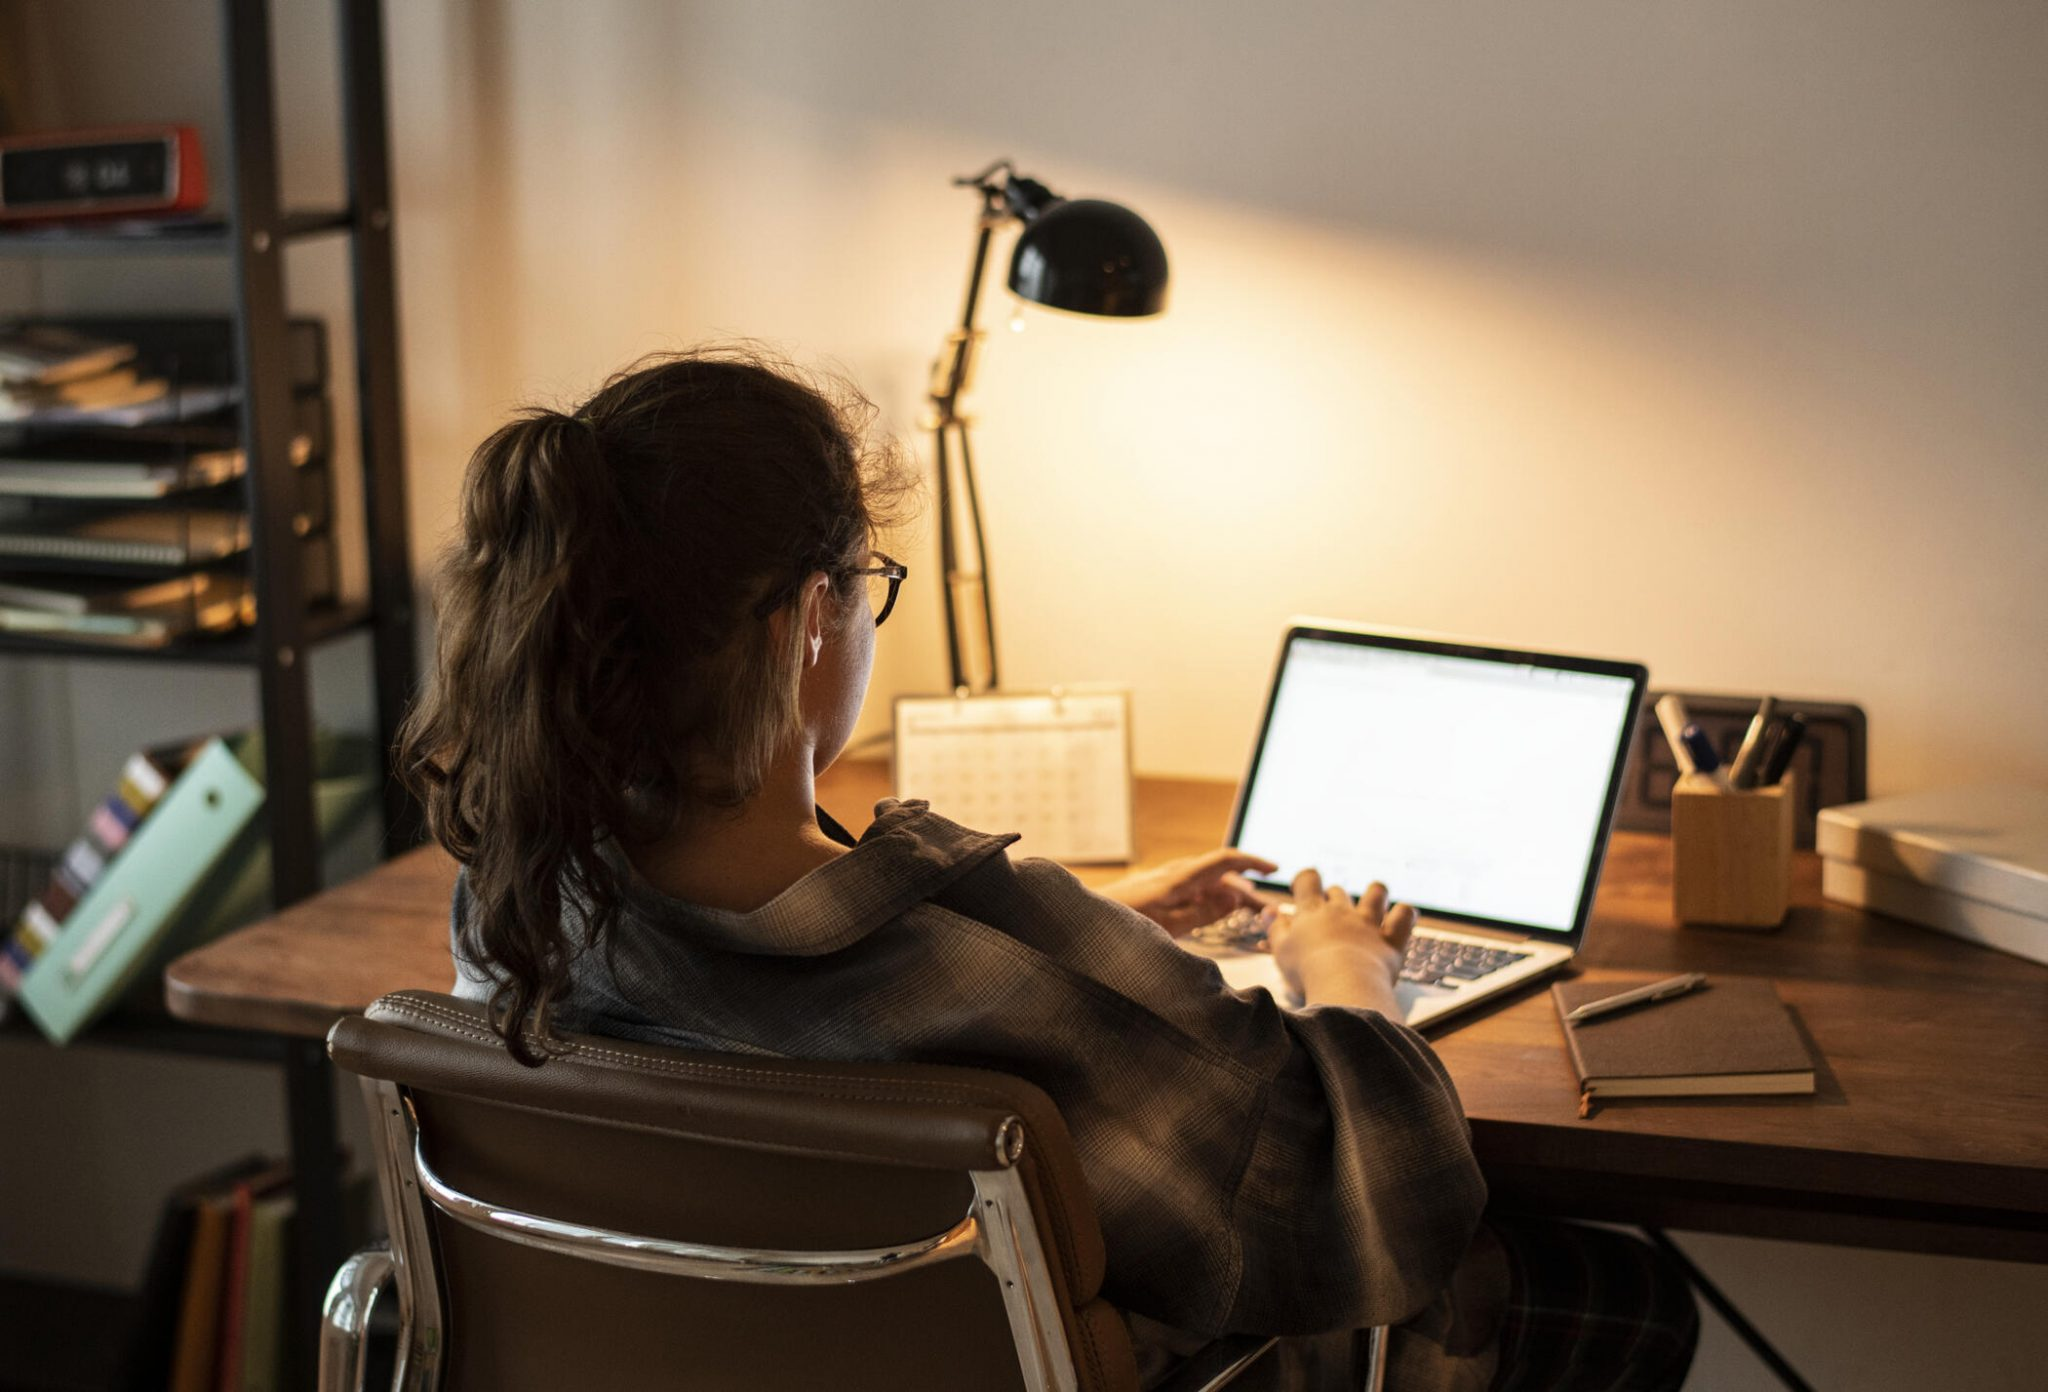 Закон 2020 об удалённой и дистанционной работе: основные положения, обязанности работника и работодателя